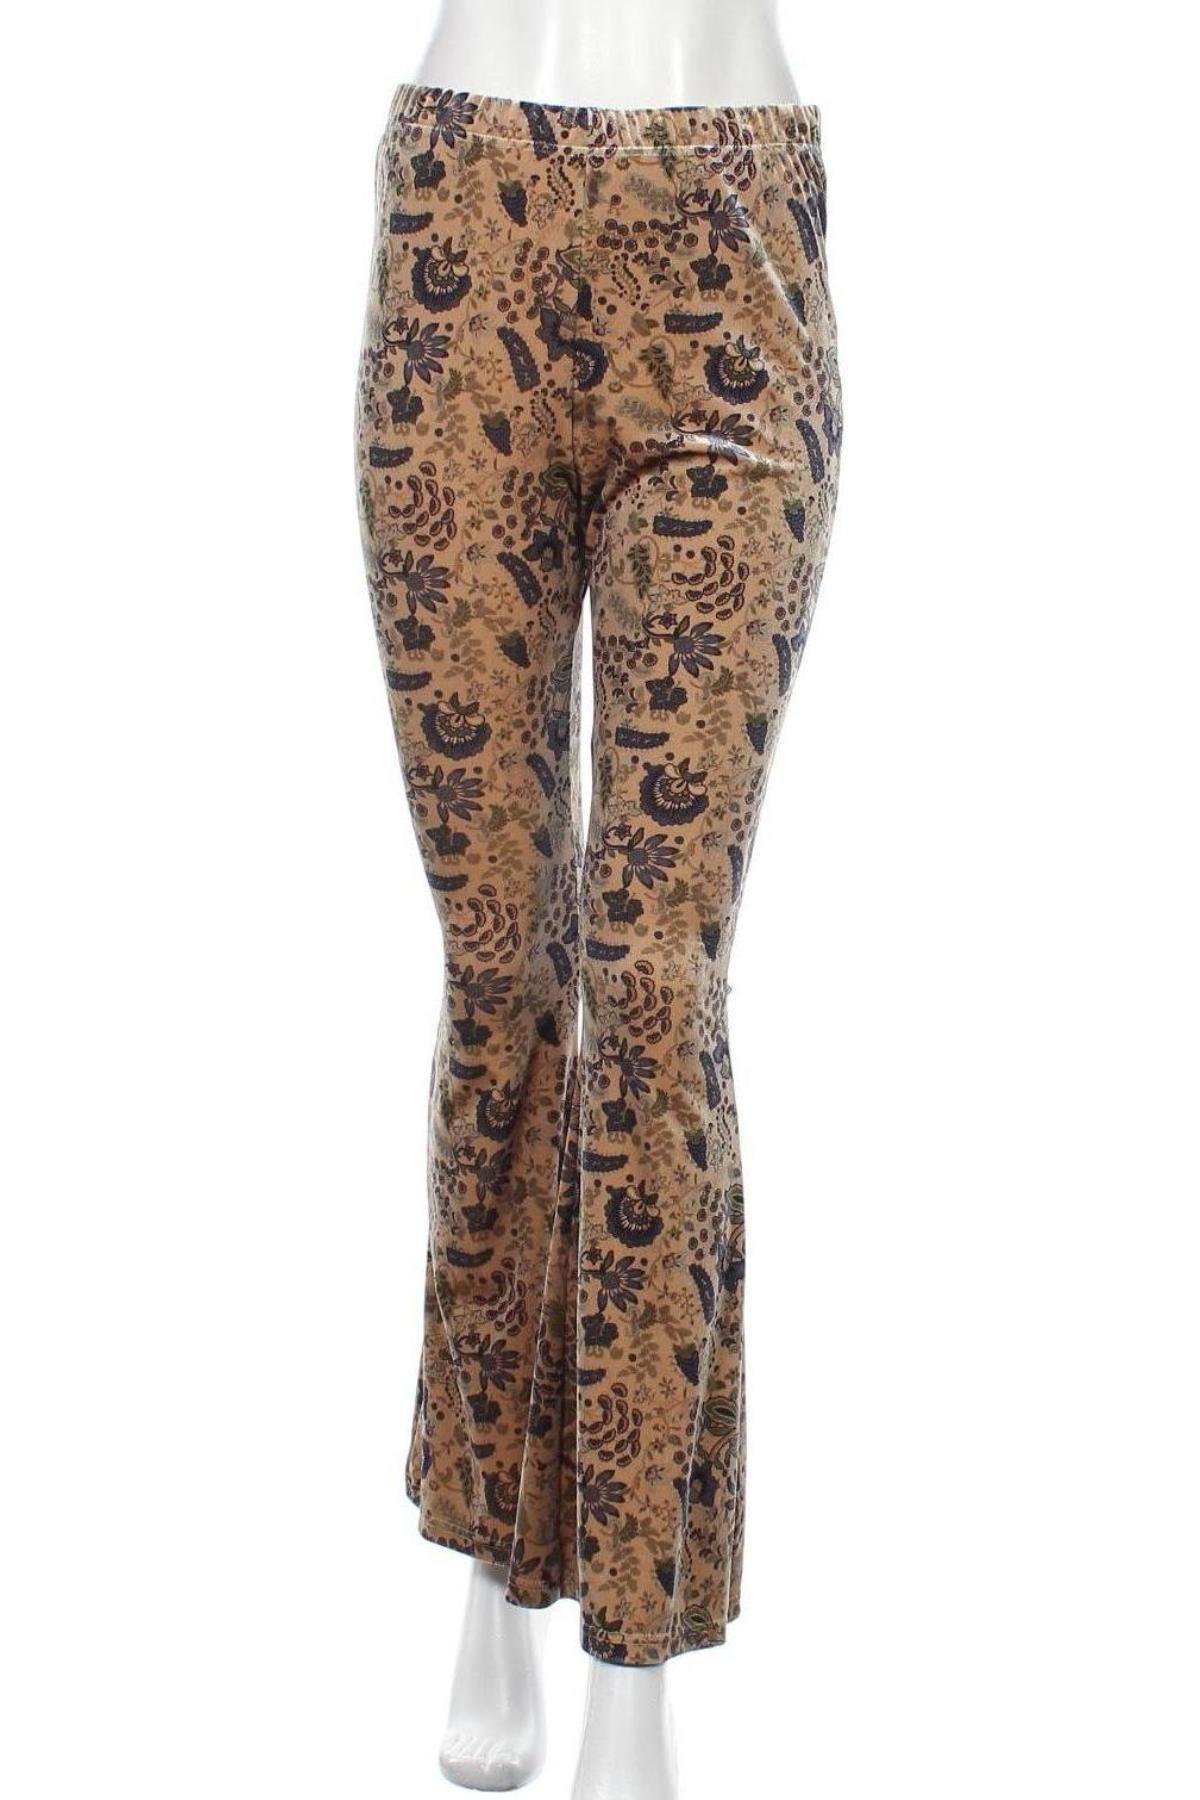 Дамски панталон Urban Outfitters, Размер M, Цвят Бежов, 93% полиестер, 7% еластан, Цена 11,60лв.